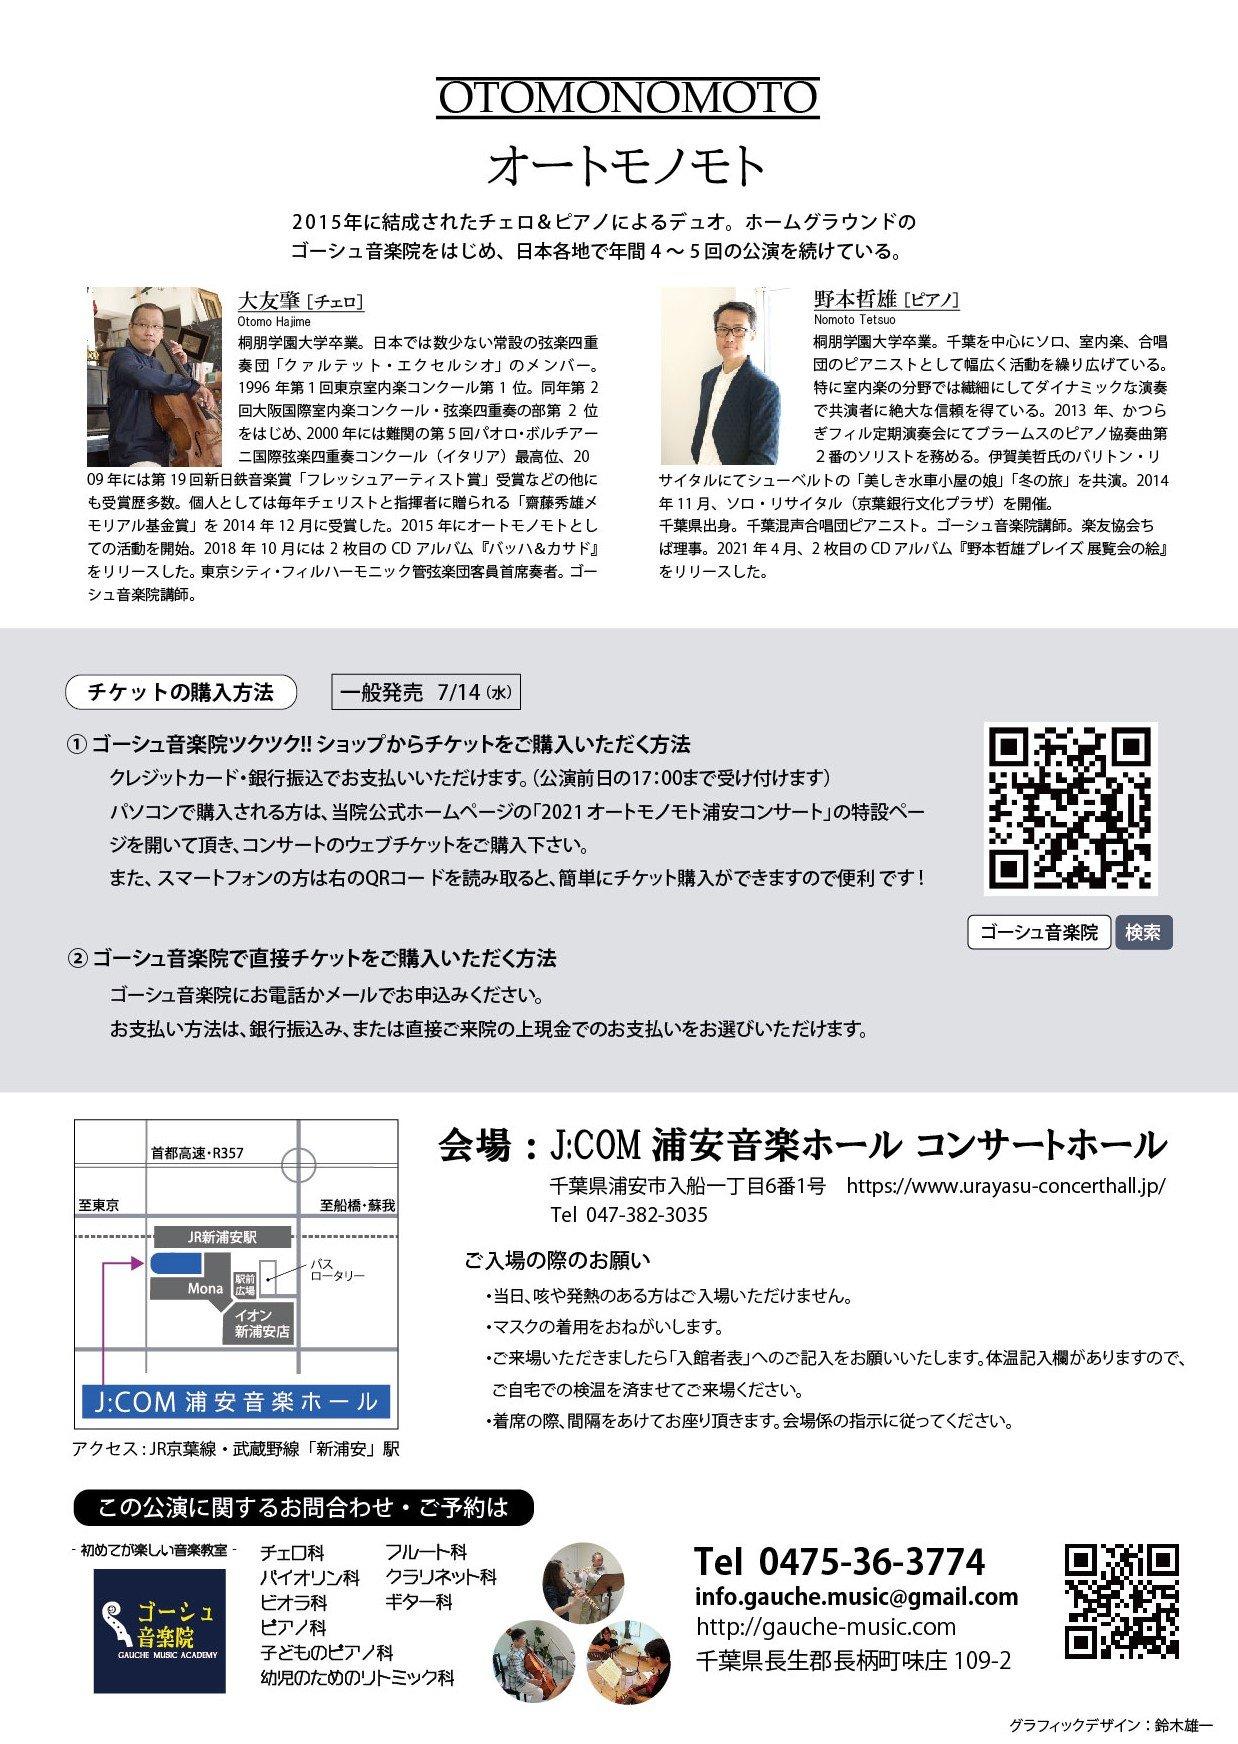 オートモノモト コンサート  10/6(水)3公演セット券のイメージその3